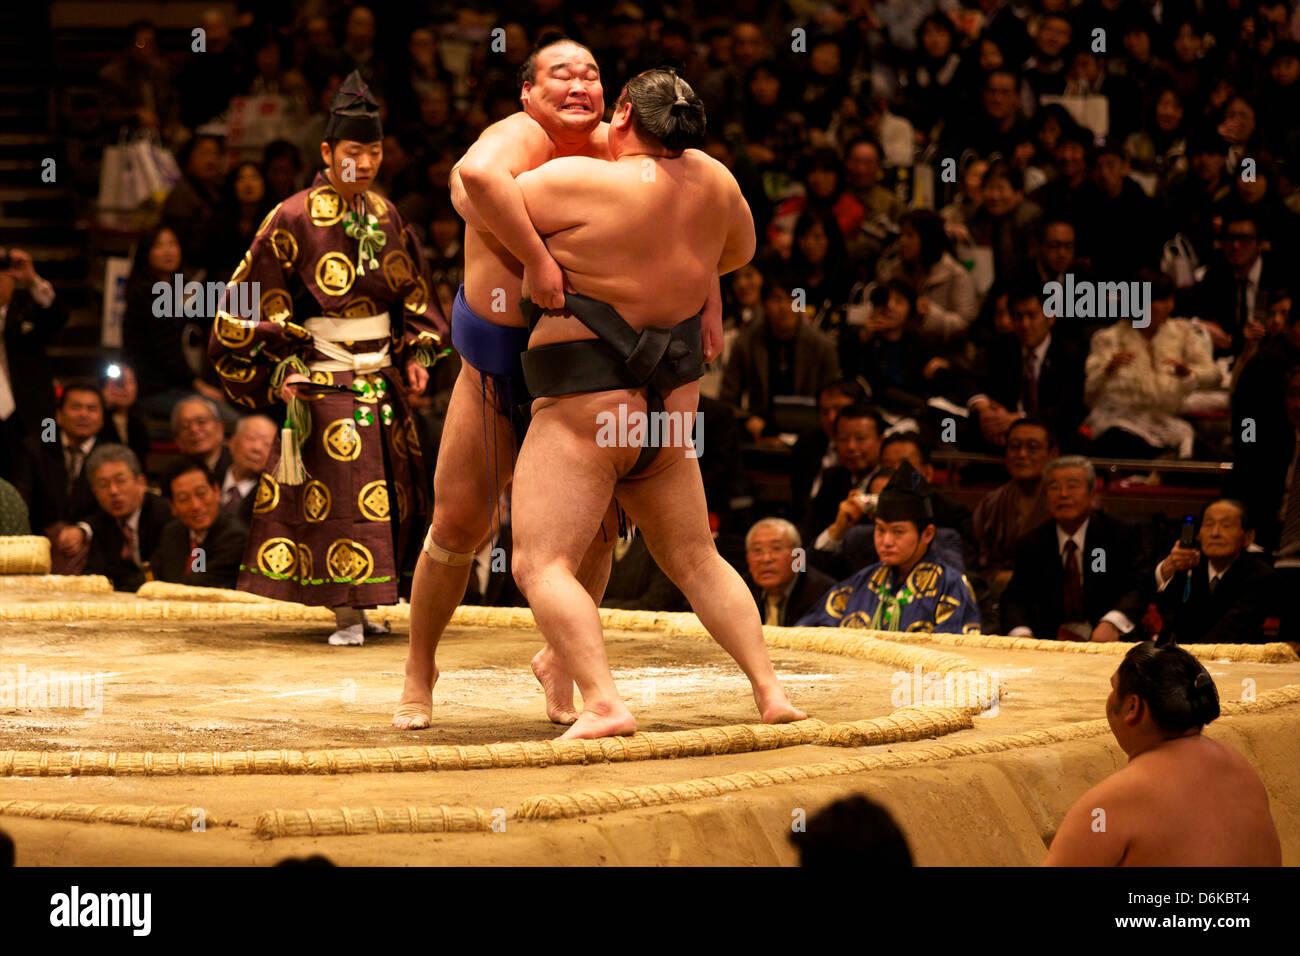 Due lottatori di sumo spingendo molto per mettere il loro avversario fuori del cerchio, sumo wrestling concorrenza, Immagini Stock